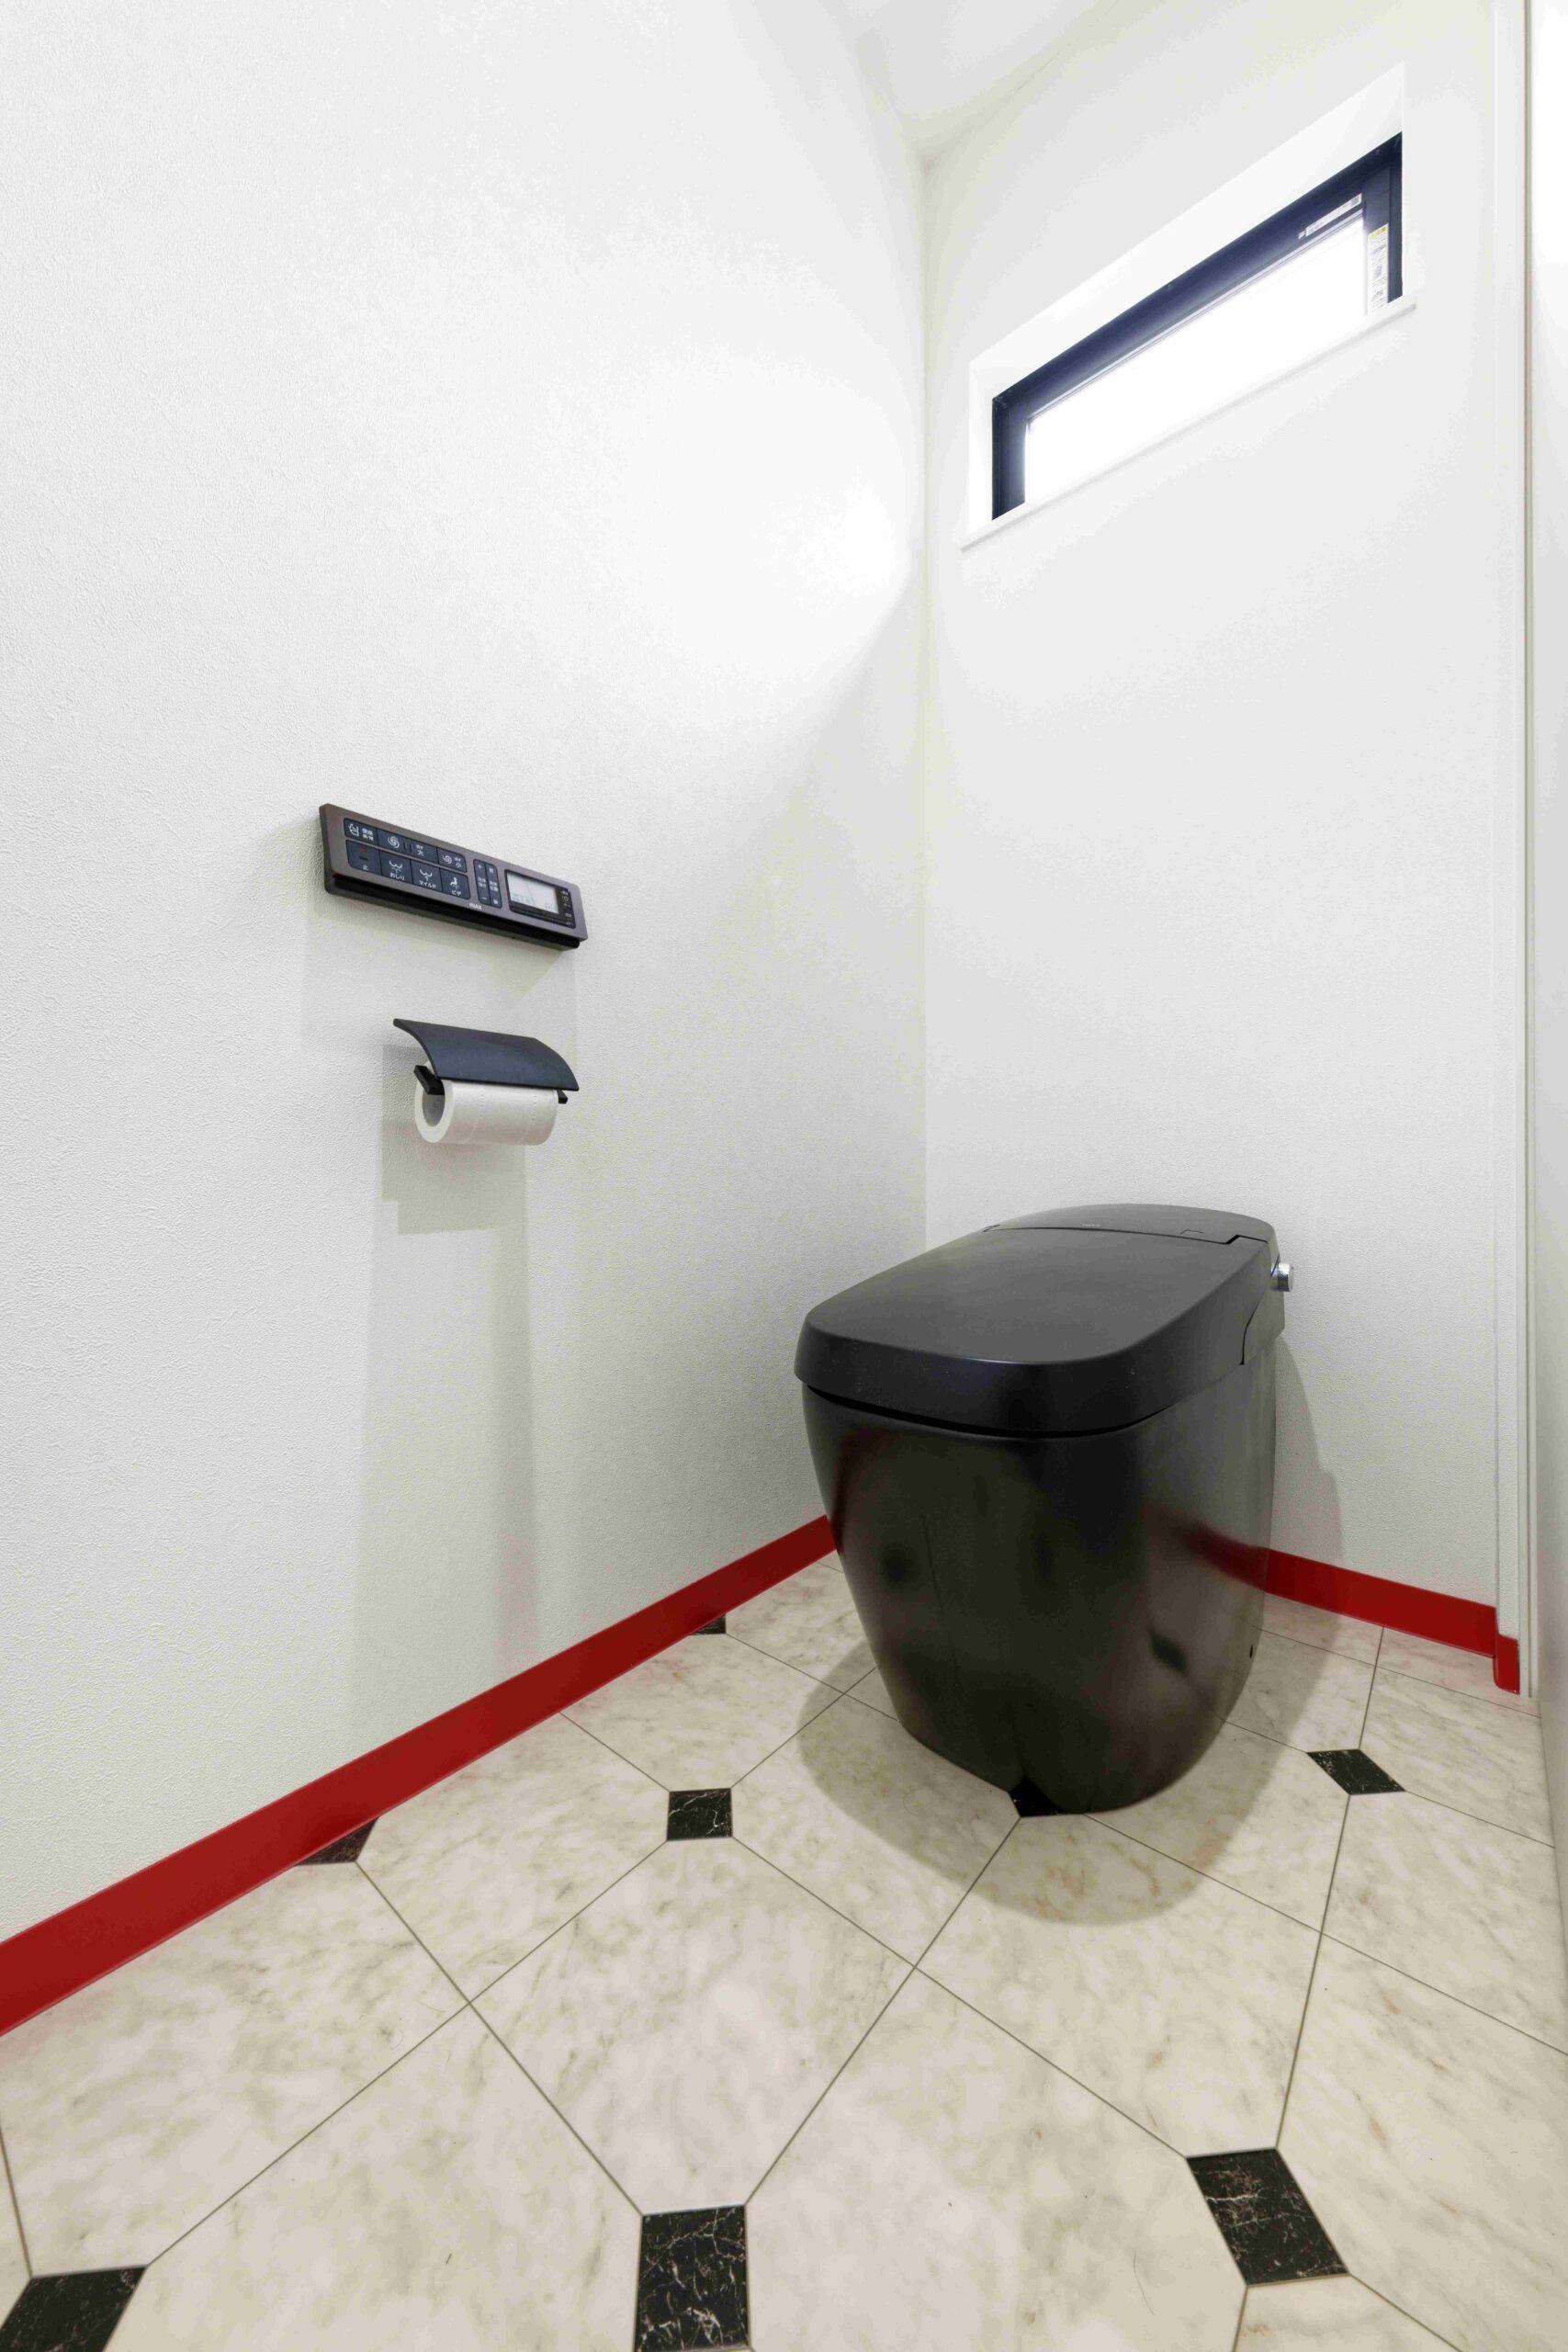 大理石風のと赤の巾木がアクセントの、黒いトイレ。